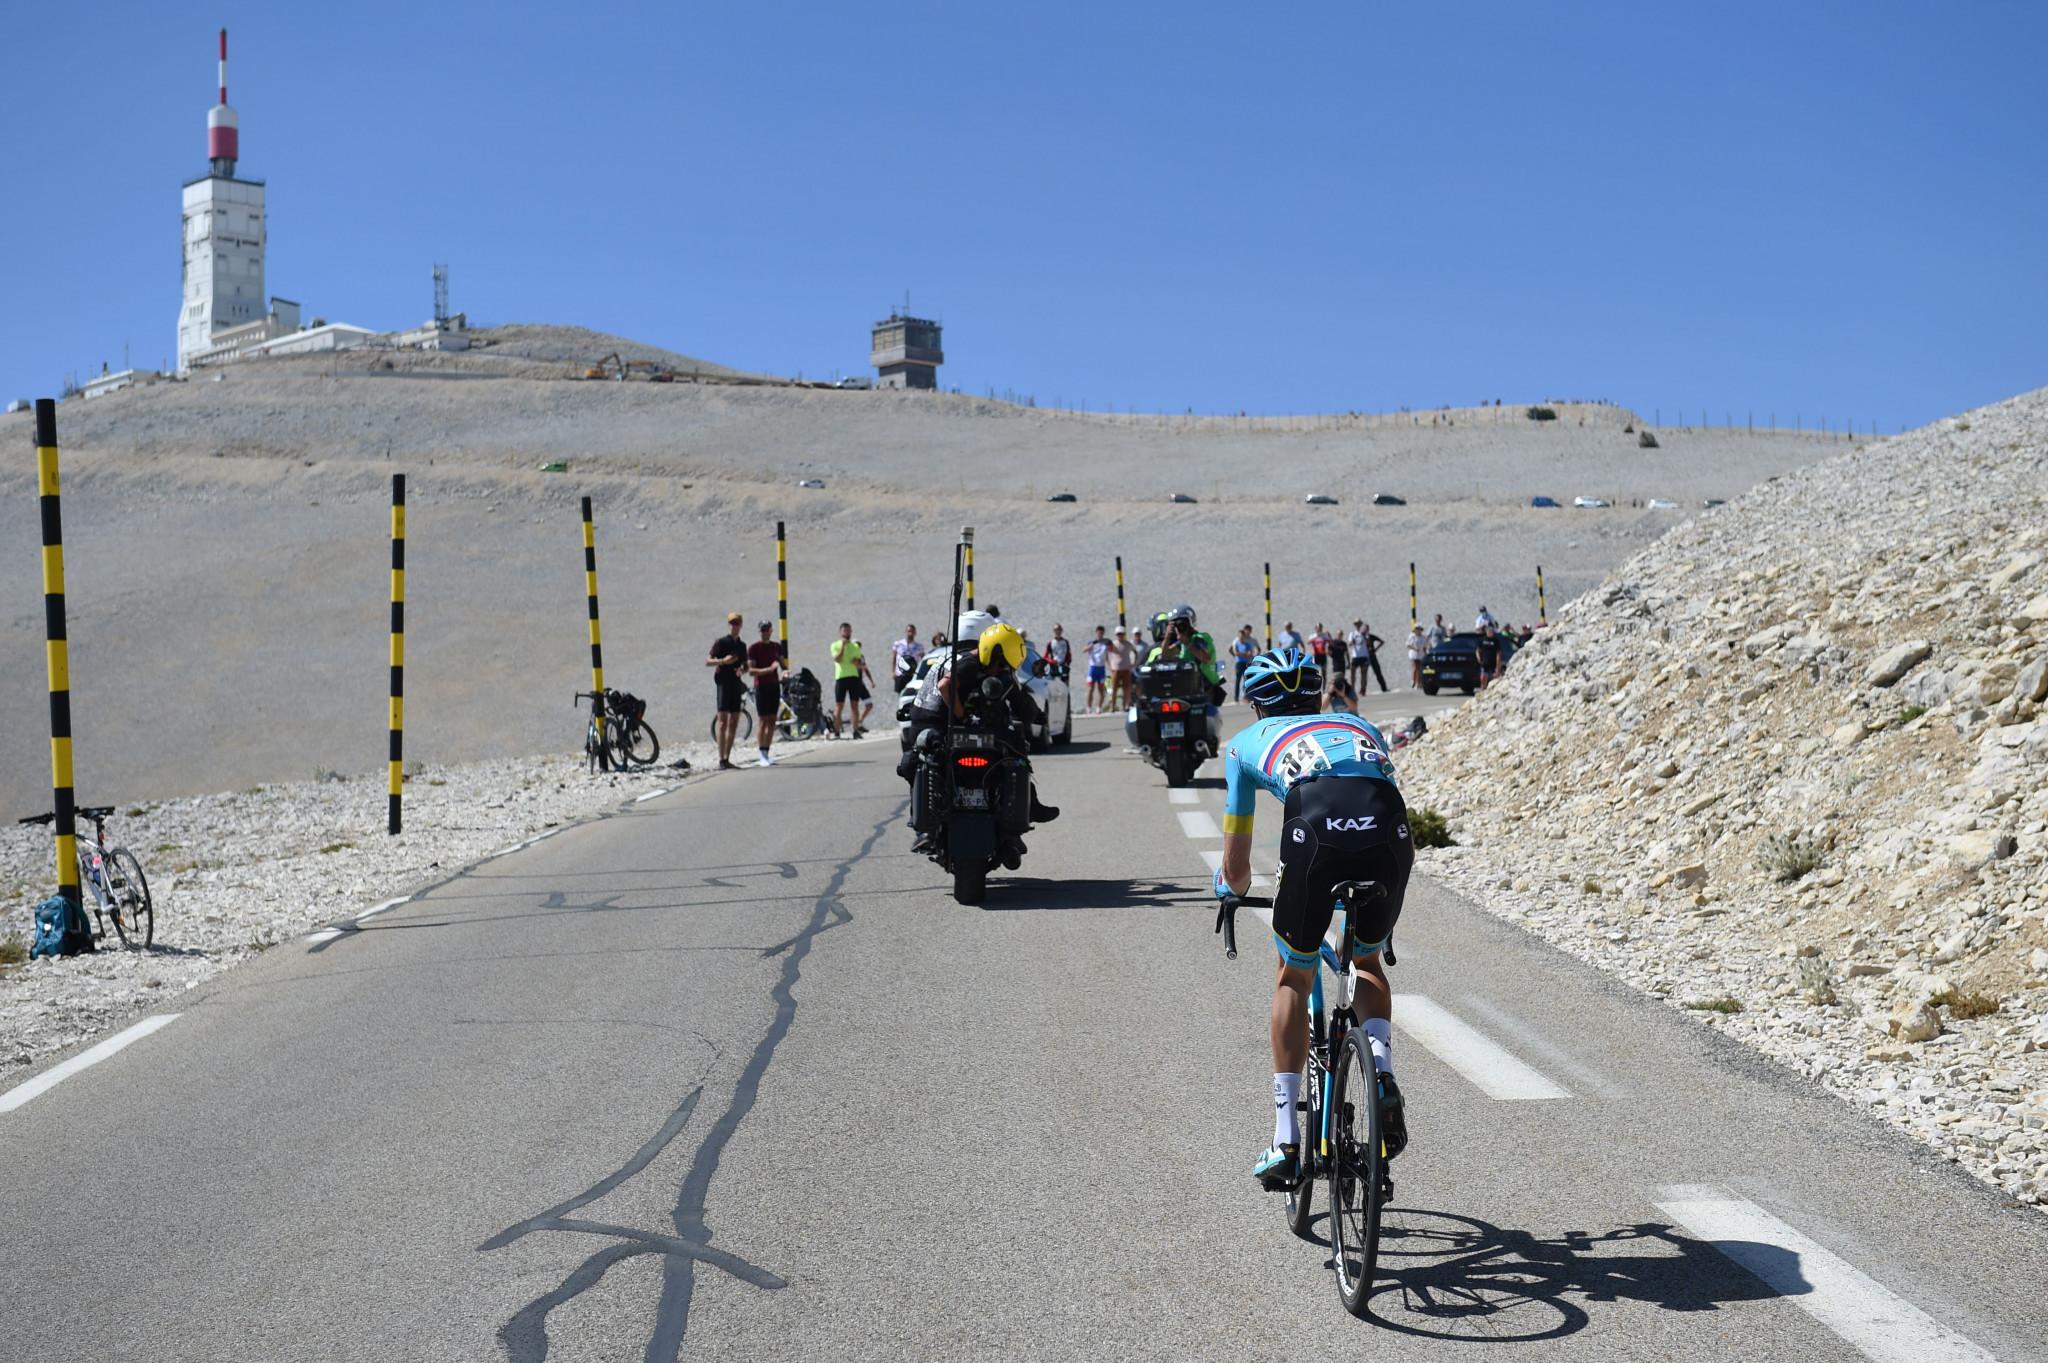 Double ascent of Mont Ventoux headlines 2021 Tour de France route